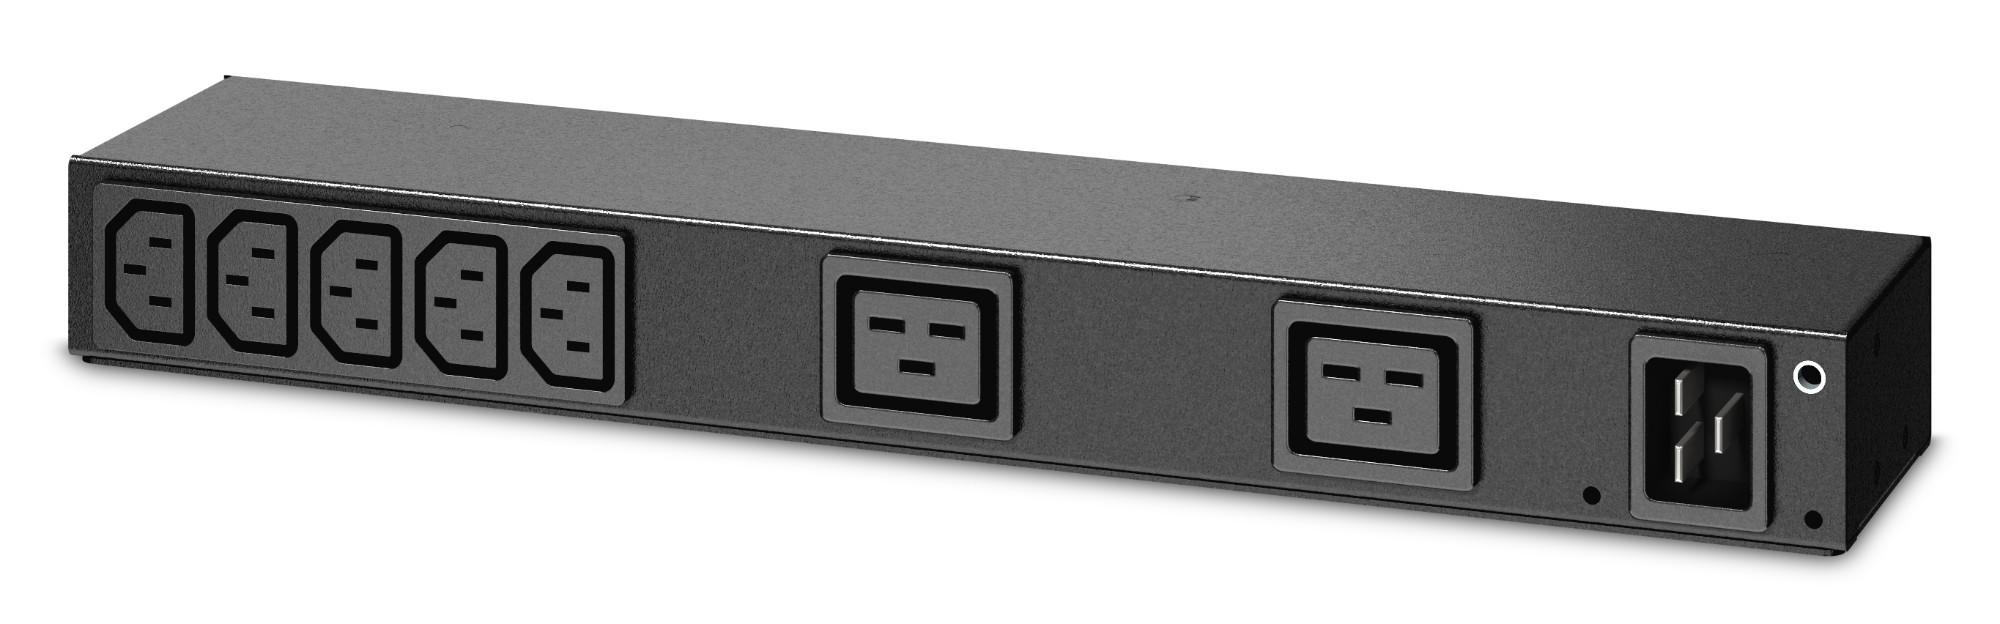 APC AP6120A unidad de distribución de energía (PDU) 0U/1U Negro 7 salidas AC